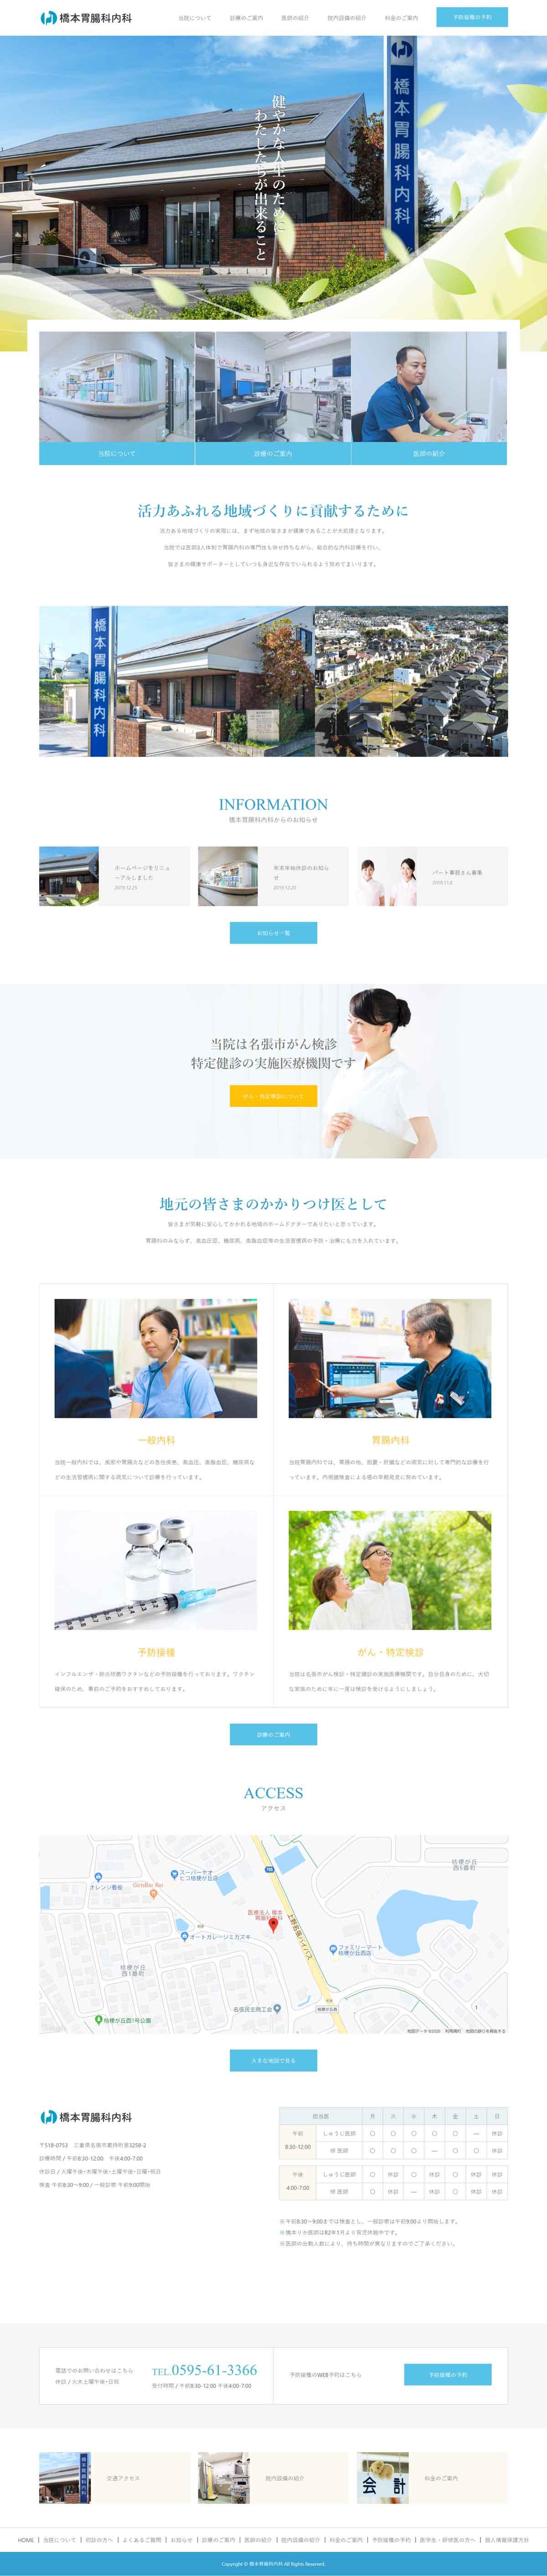 医療法人橋本胃腸科内科PC用ウェブサイトデザイン